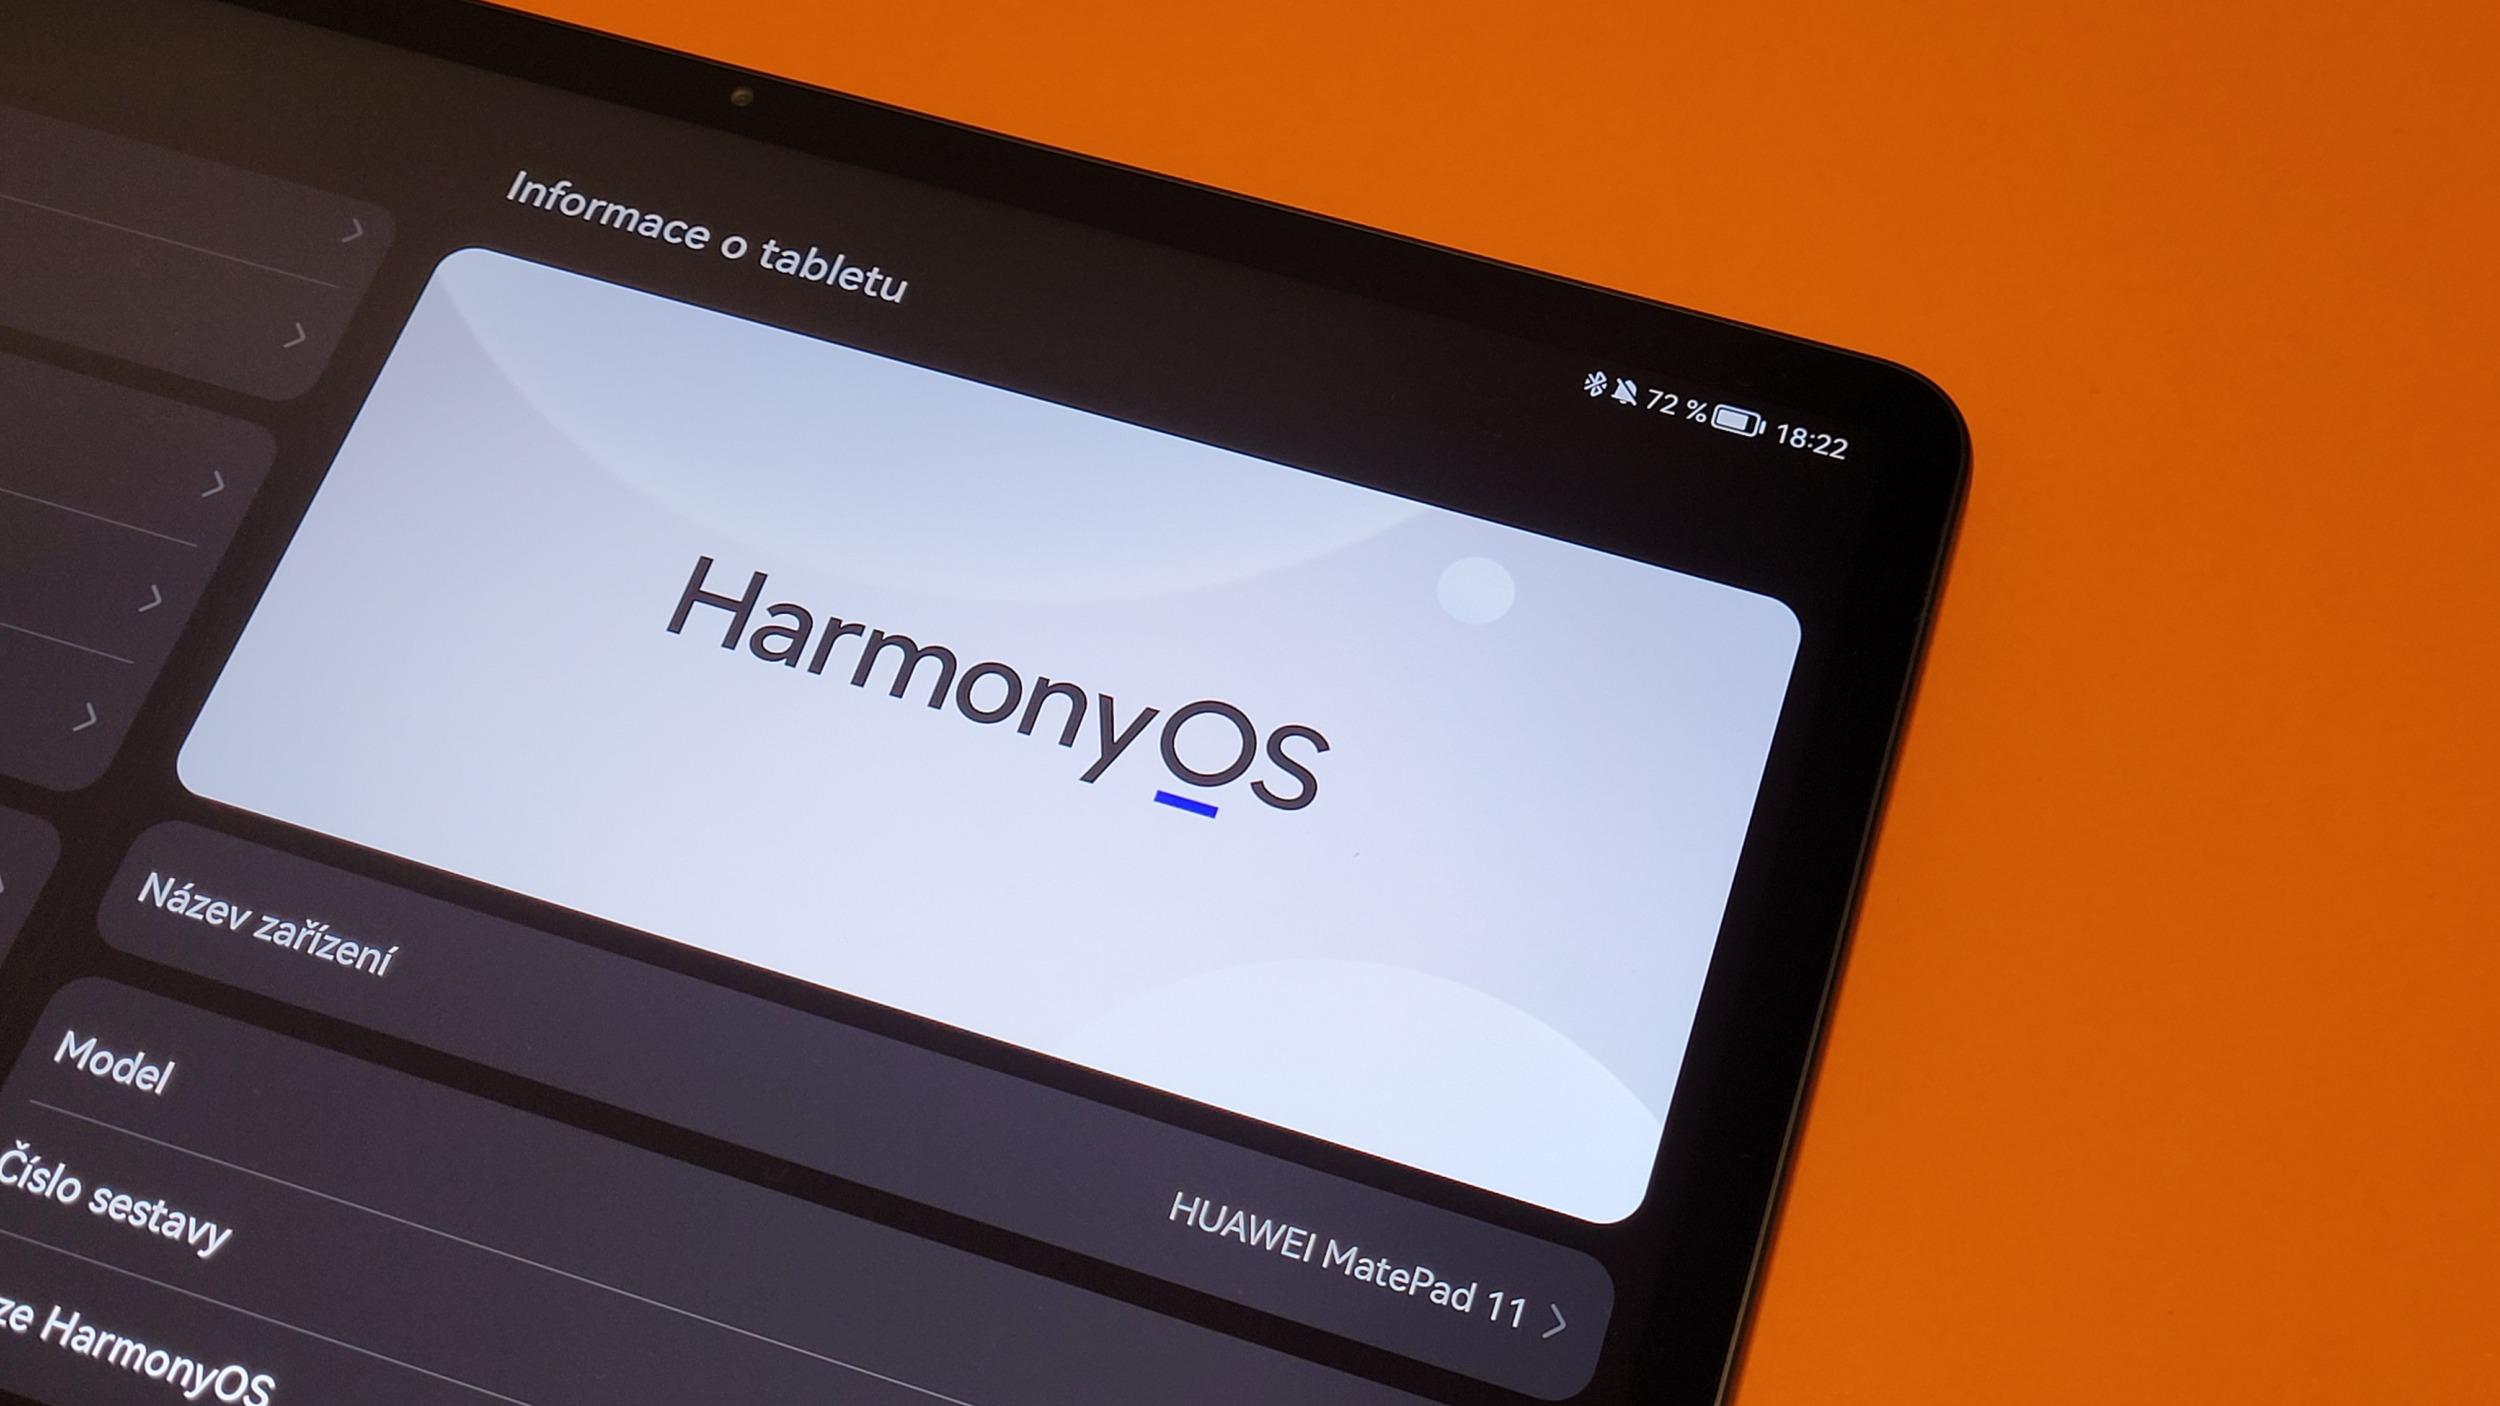 Harmony OS dosáhlo na 70 milionů uživatelů, aktualizace je dostupná pro téměř 100 zařízení